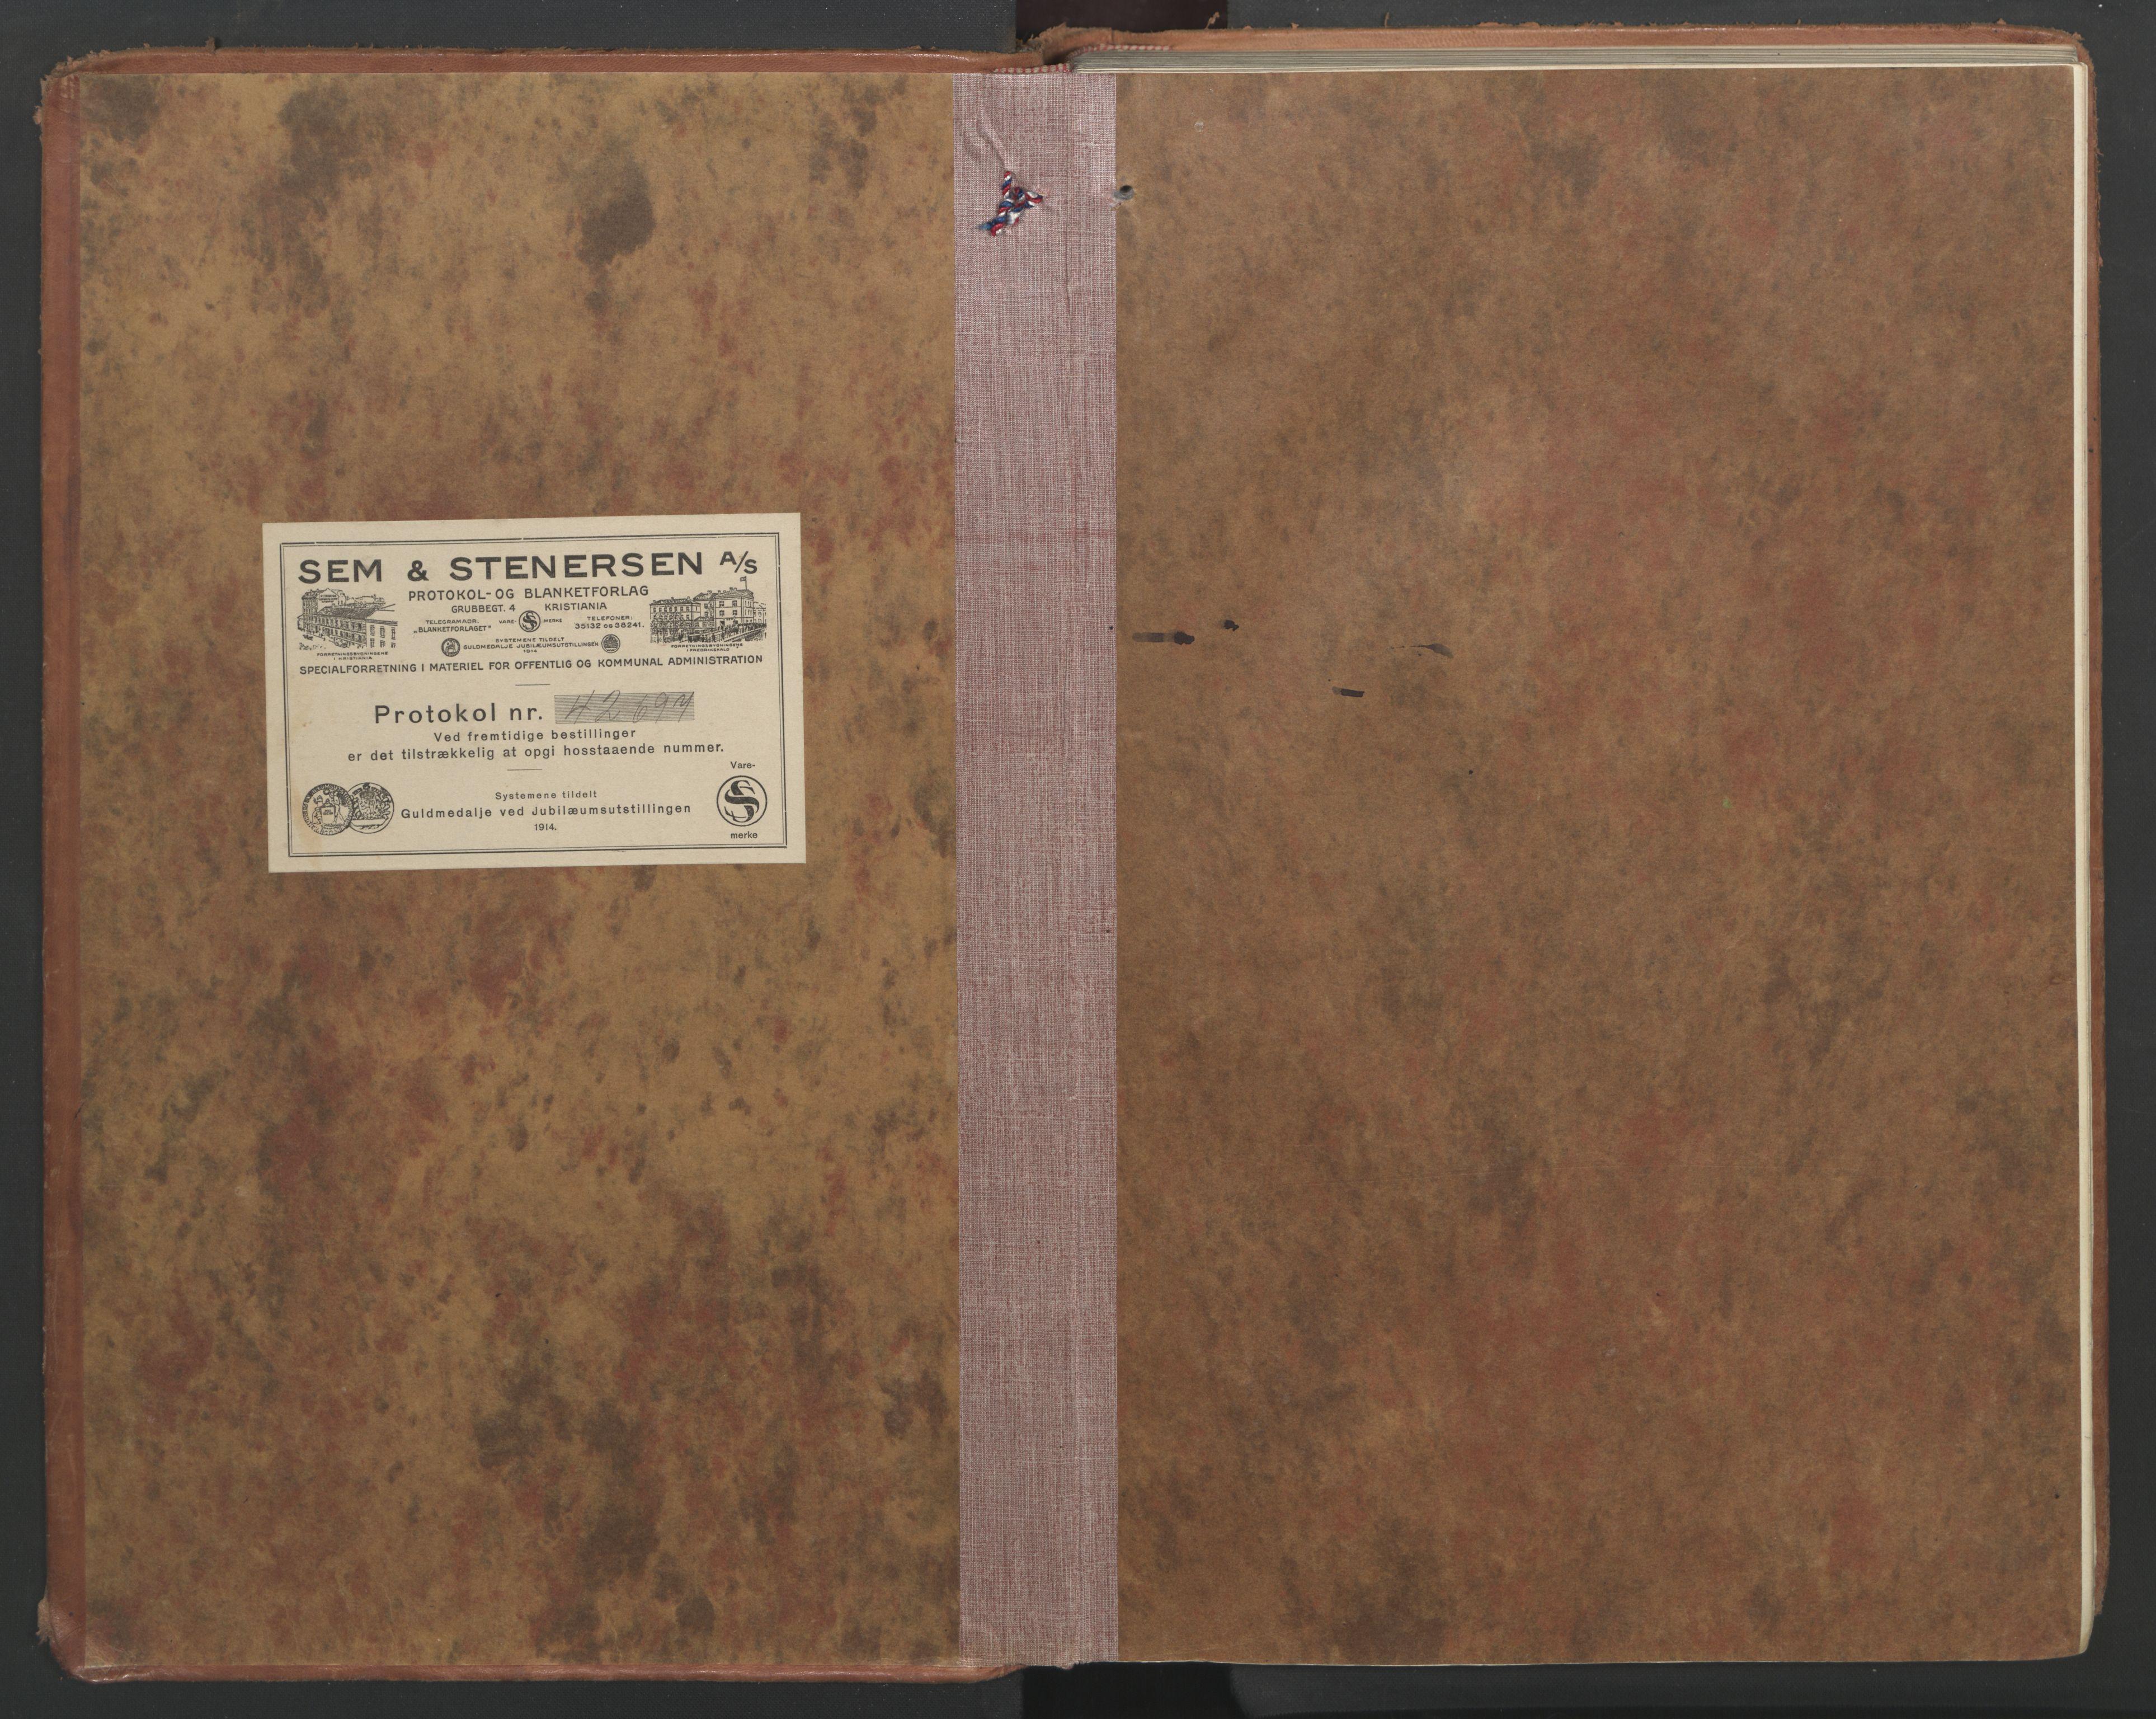 SAT, Ministerialprotokoller, klokkerbøker og fødselsregistre - Nord-Trøndelag, 710/L0097: Klokkerbok nr. 710C02, 1925-1955